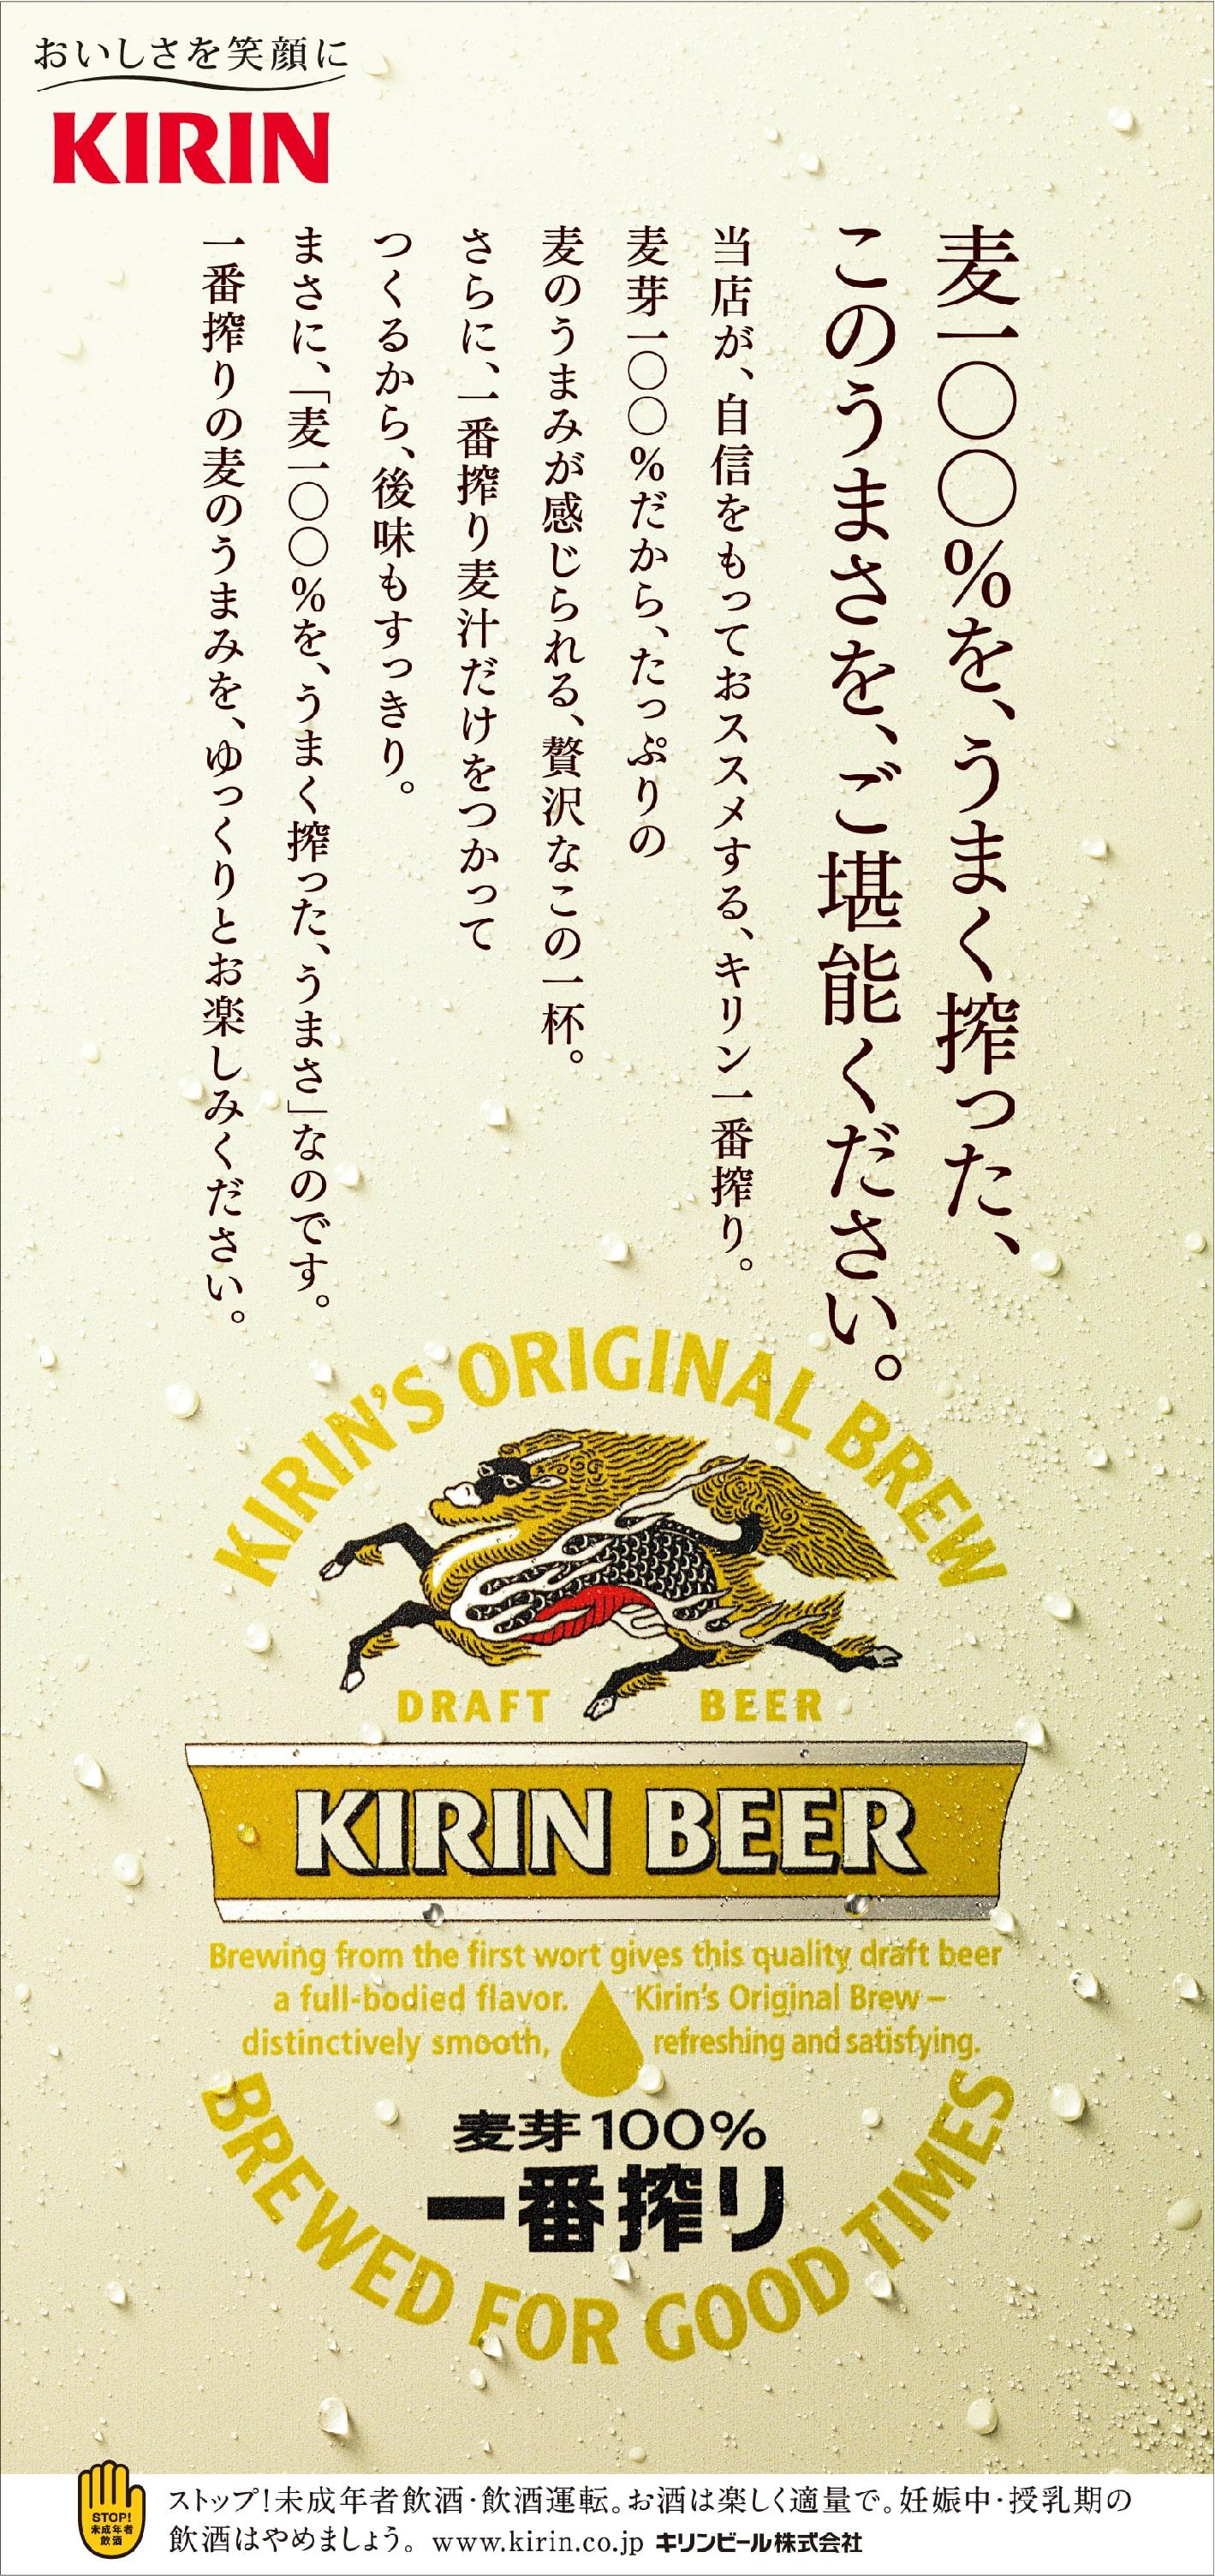 キリンビール一番搾りのポスター